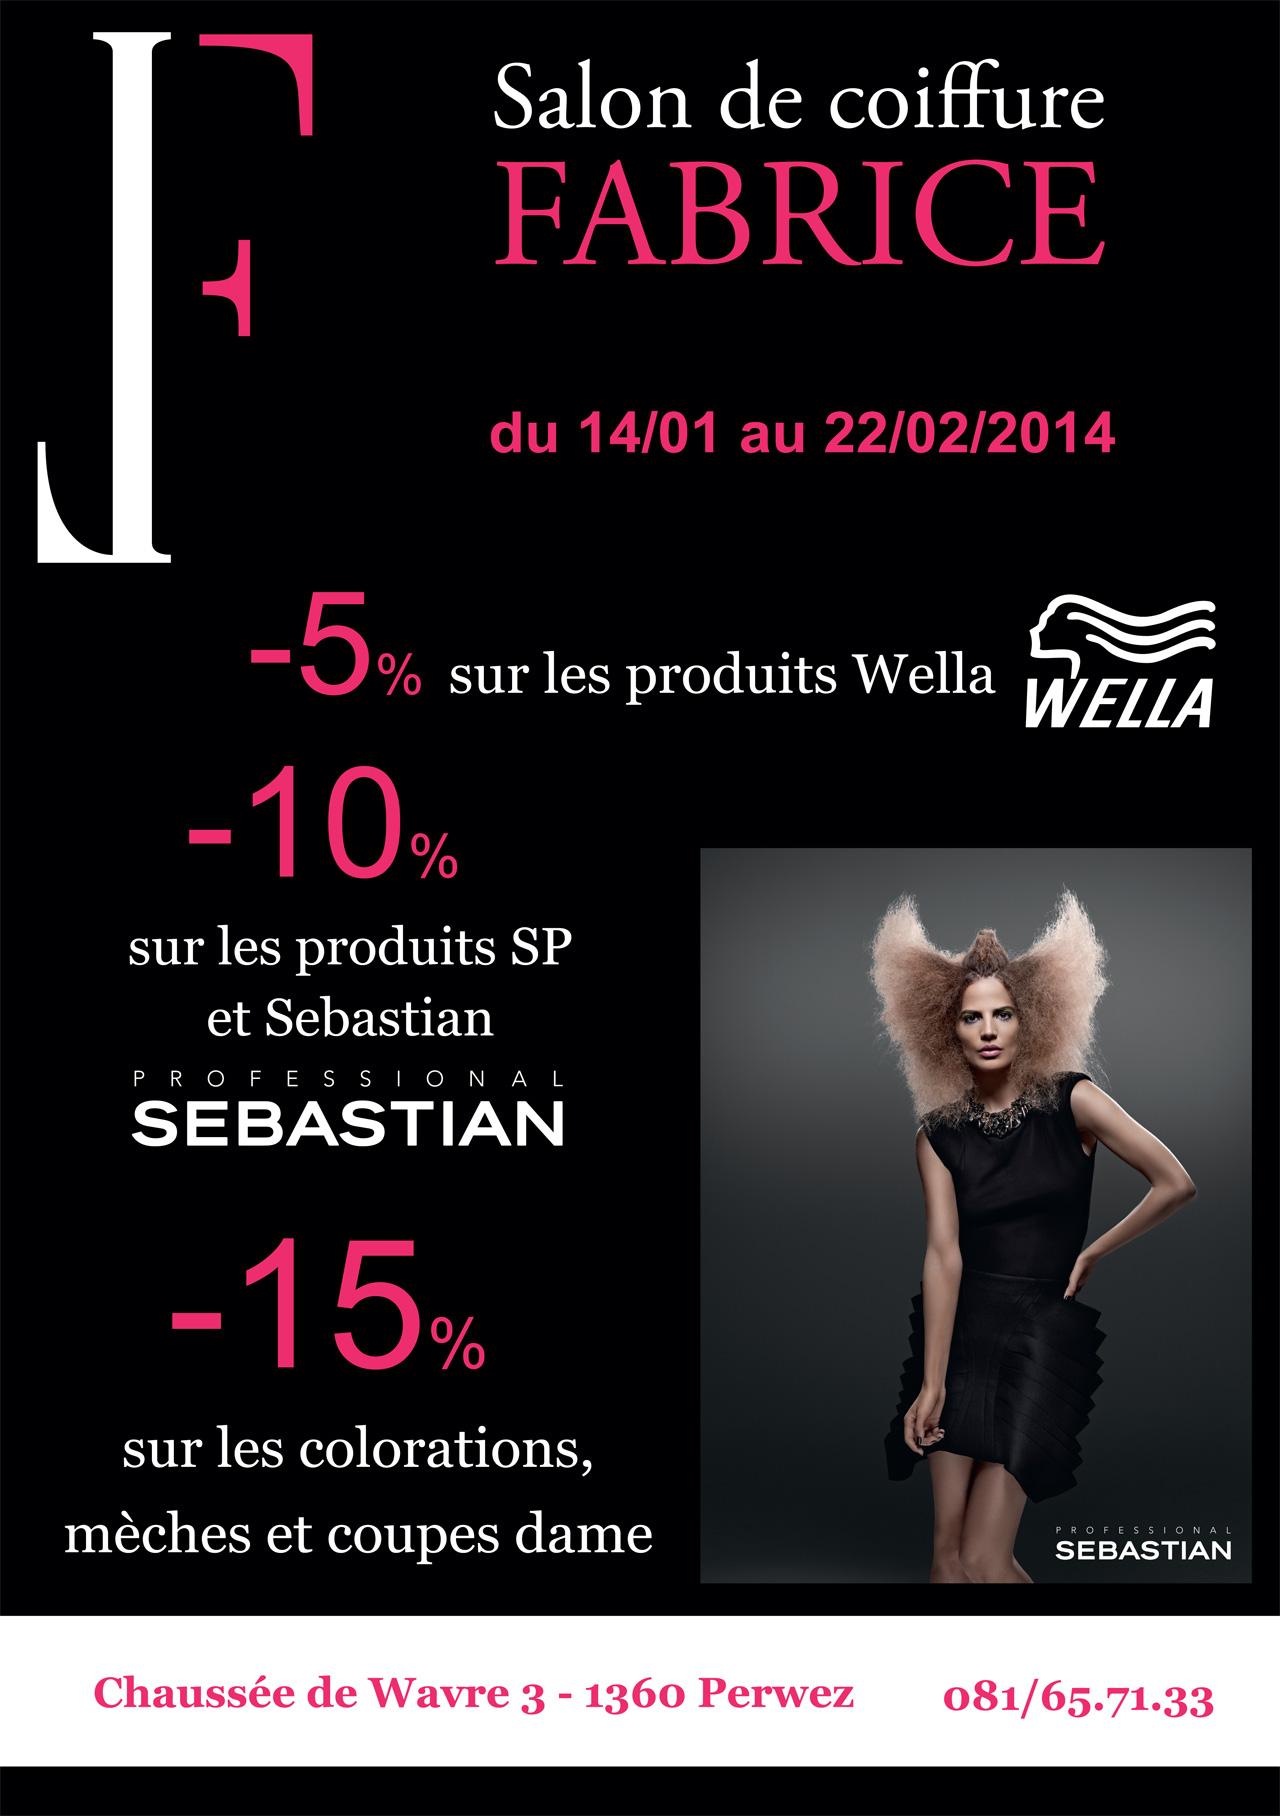 Affiche folders salon de coiffure fabrice pixographics for Panneau publicitaire salon de coiffure